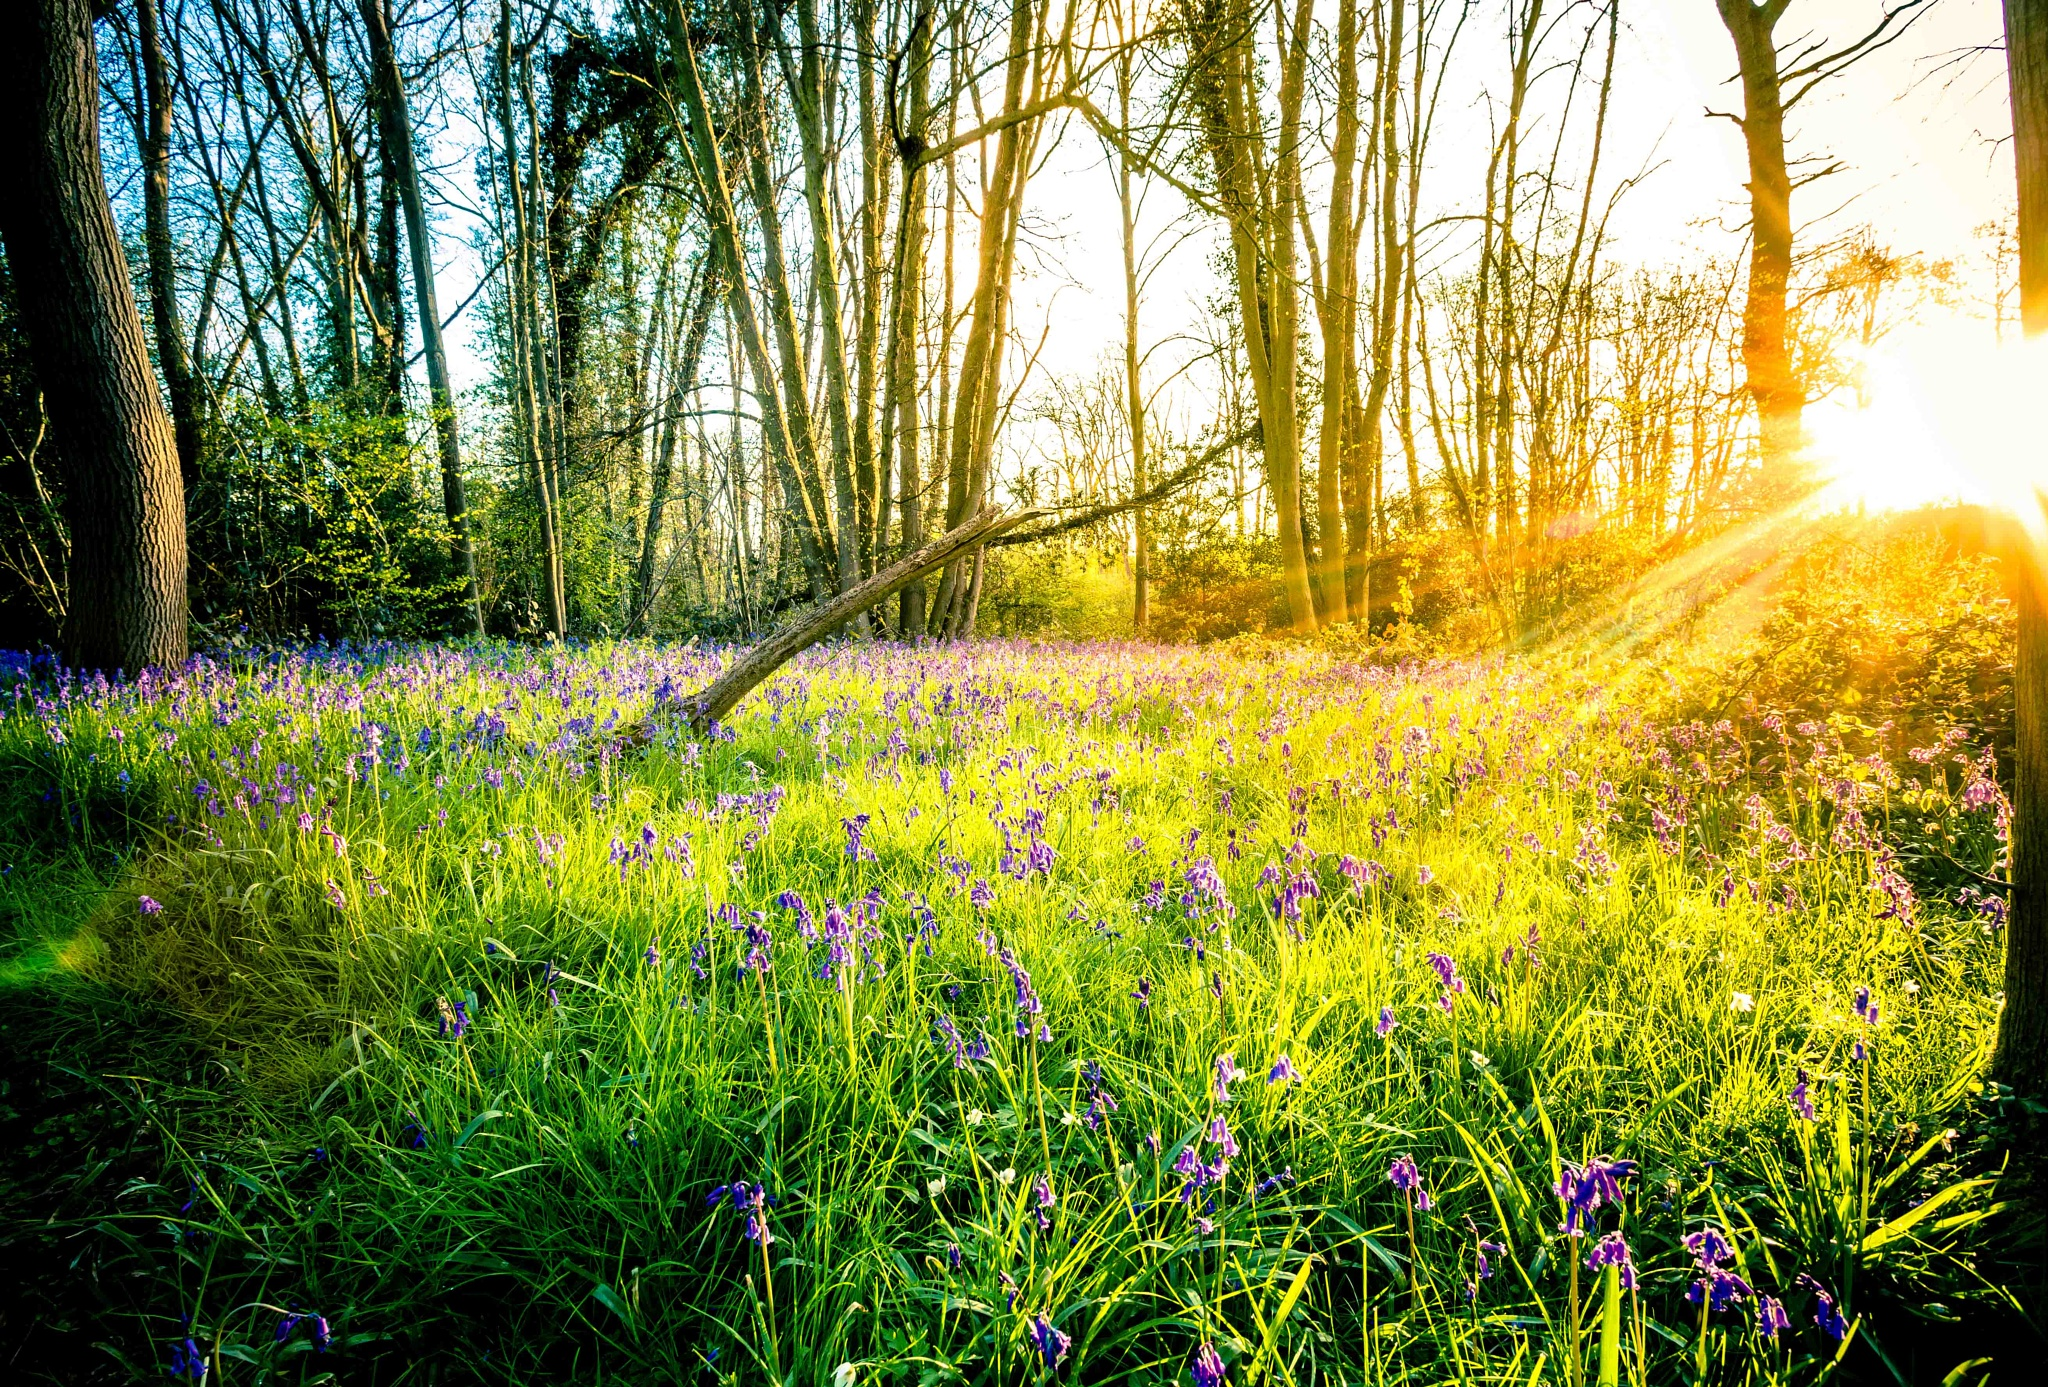 Spring sunrise and Blubells in my secret wood by John Burnett